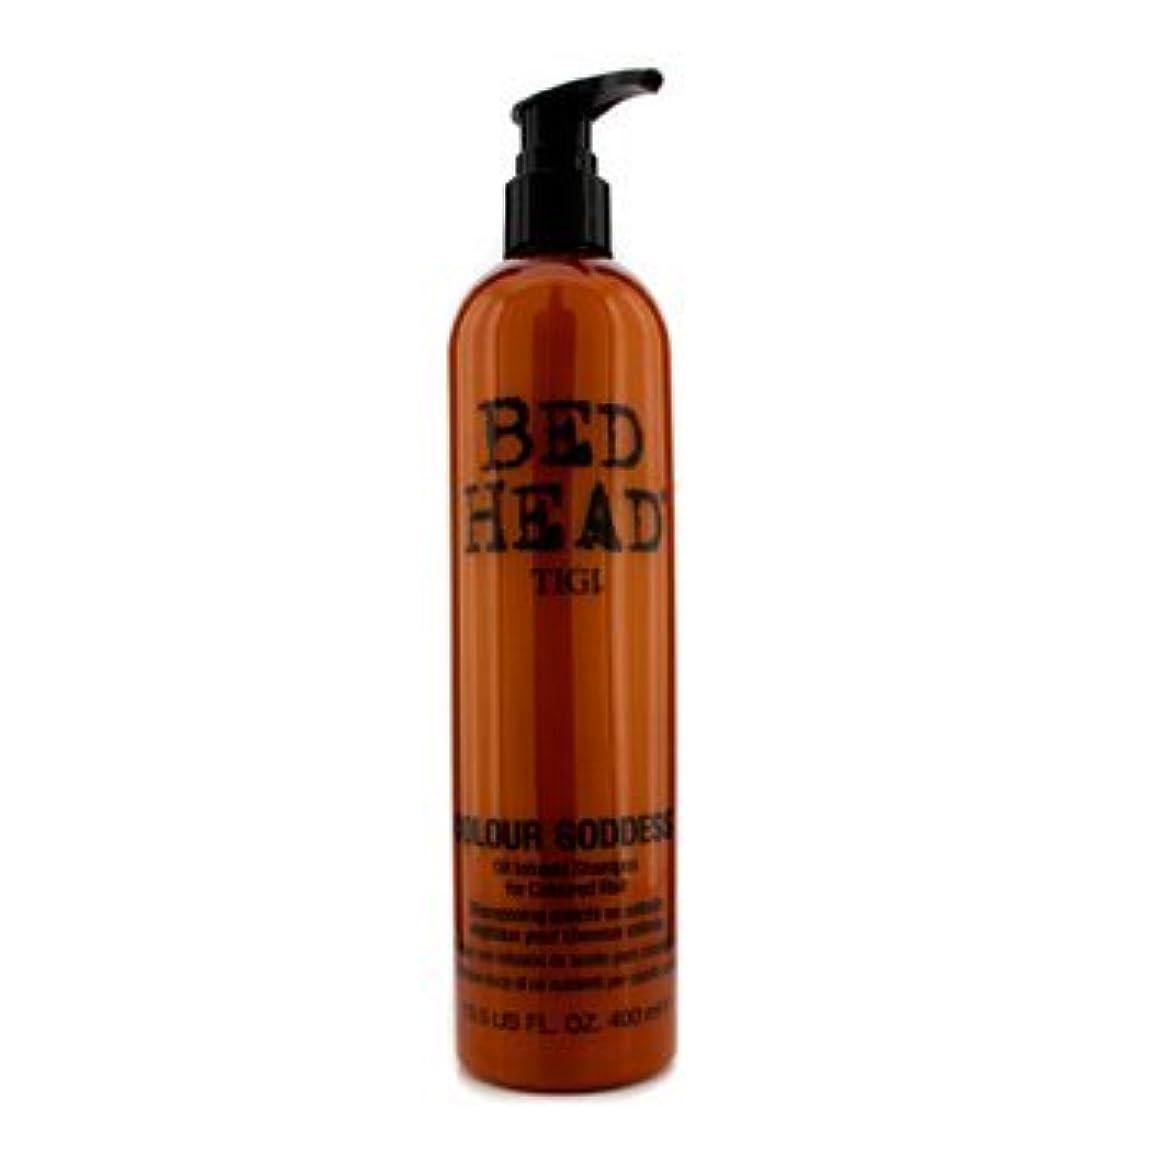 牽引地平線立ち寄る[Tigi] Bed Head Colour Goddess Oil Infused Shampoo (For Coloured Hair) 400ml/13.5oz